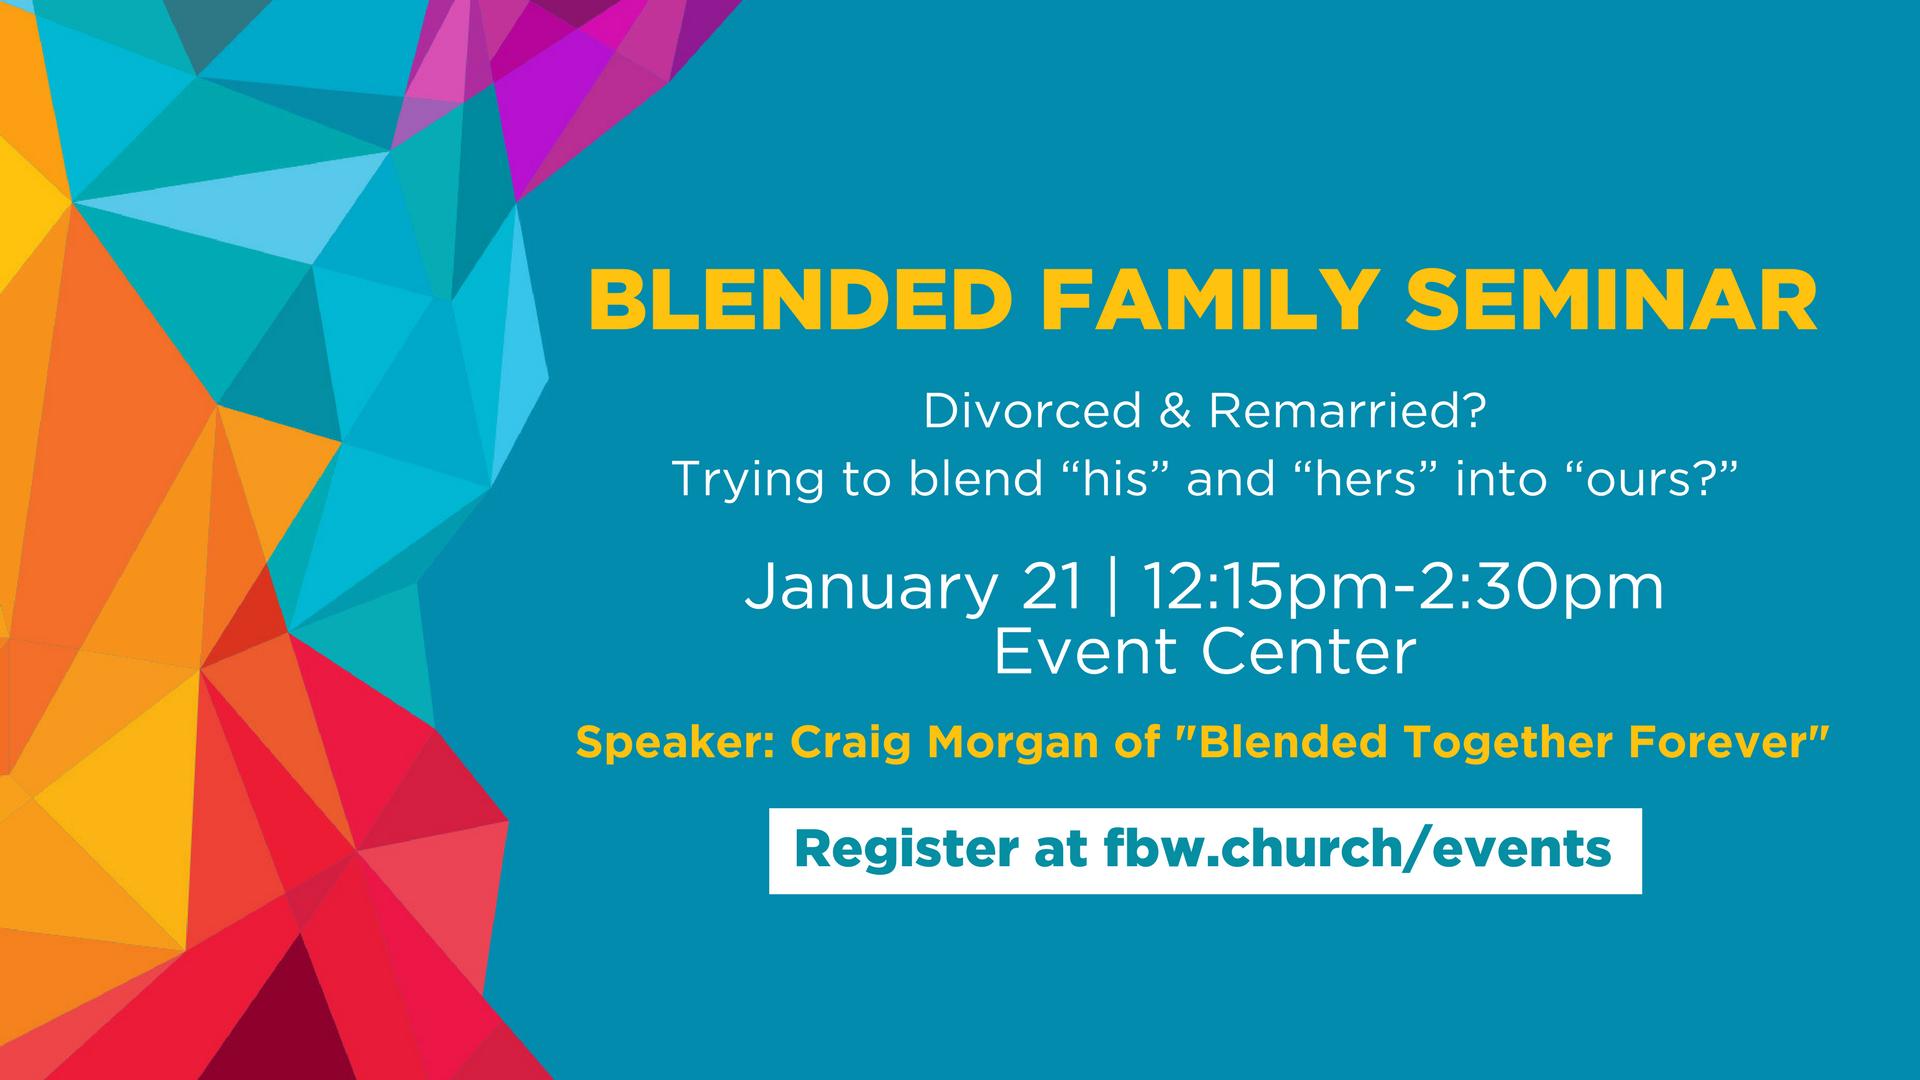 Blended family seminar